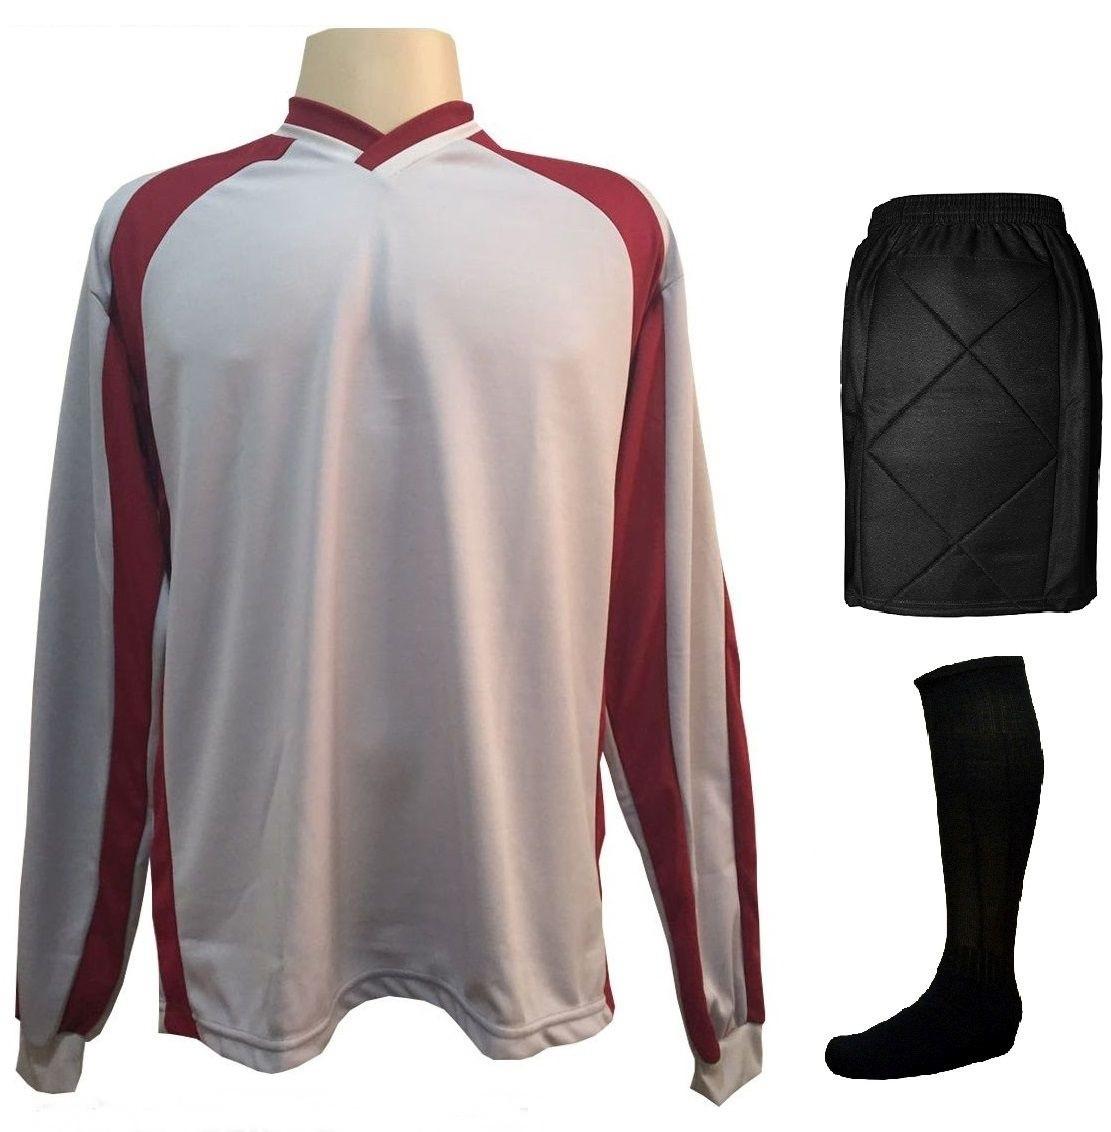 Fardamento Completo modelo Milan 20+2 (20 camisas Celeste/Branco + 20 calções modelo Copa Preto/Branco + 20 pares de meiões Preto + 2 conjuntos de goleiro) + Brindes